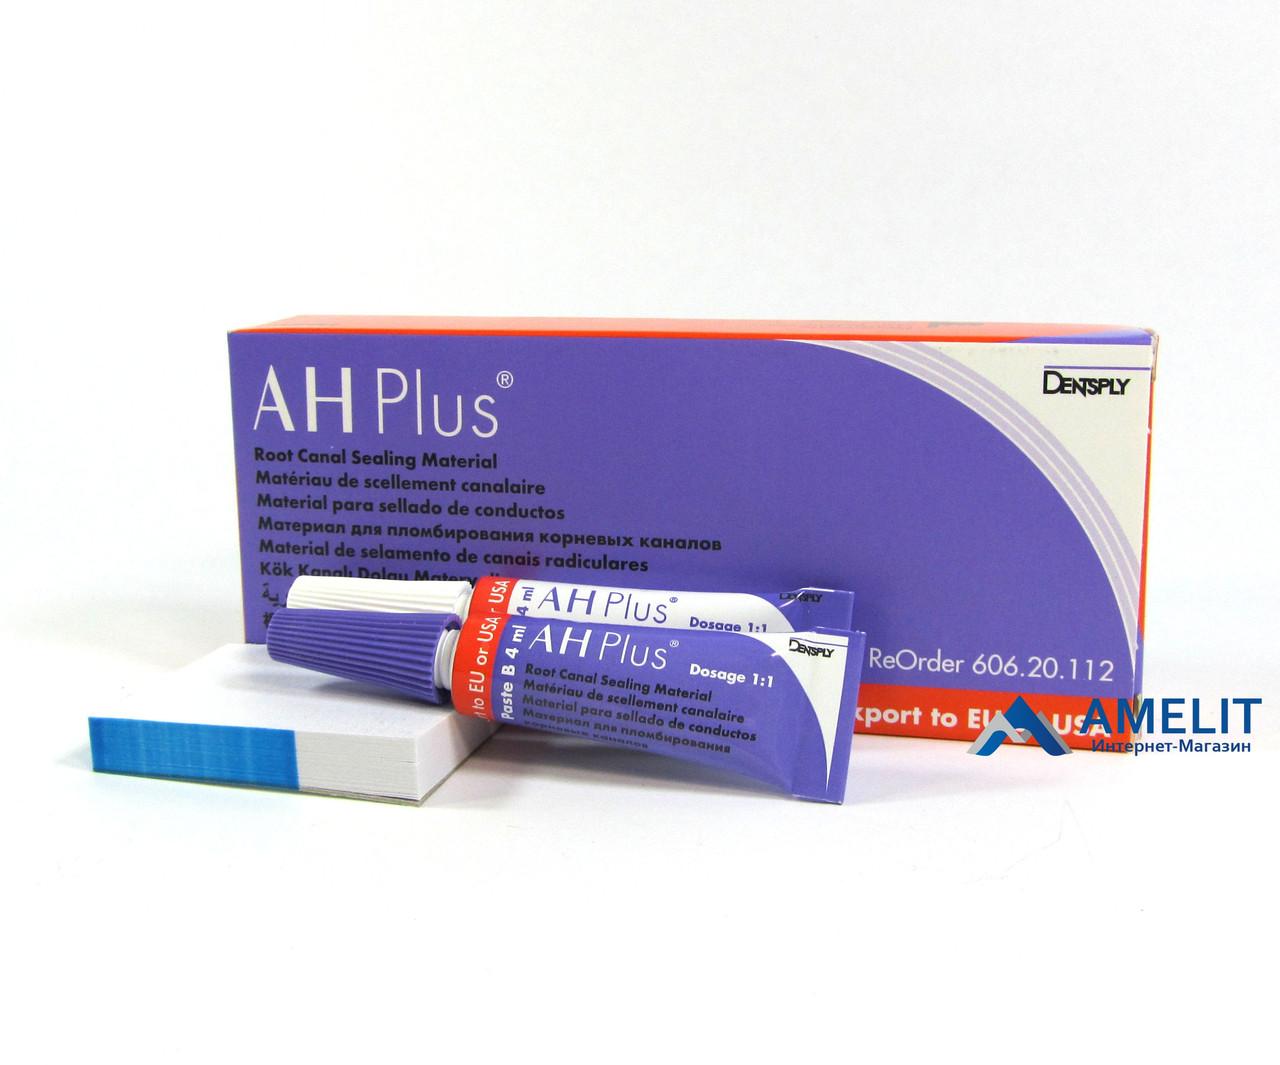 AШ Плюс/Эйч Плюс (AH PLUS, Dentsply), 2 тюбика по 4мл - Стоматологические материалы, оборудование и инструментарий в Киеве